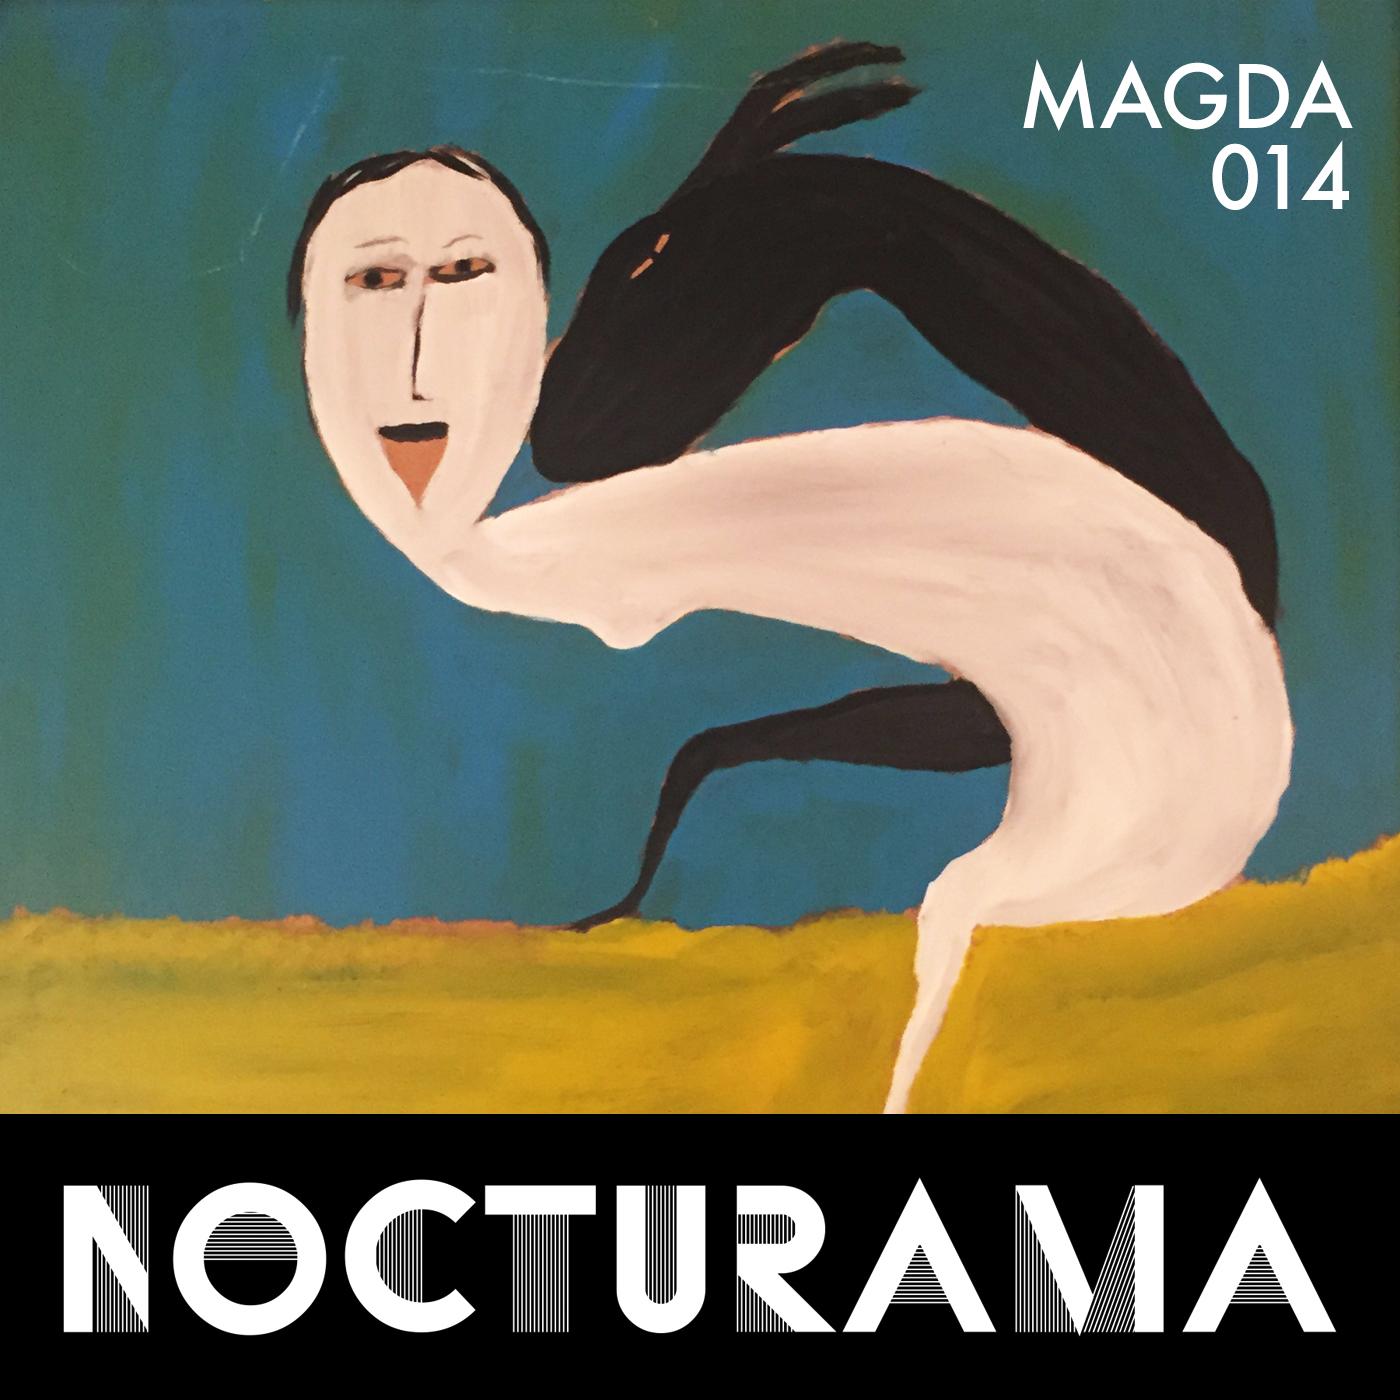 http://geist-agency.com/news-description/Nocturama014-Magda